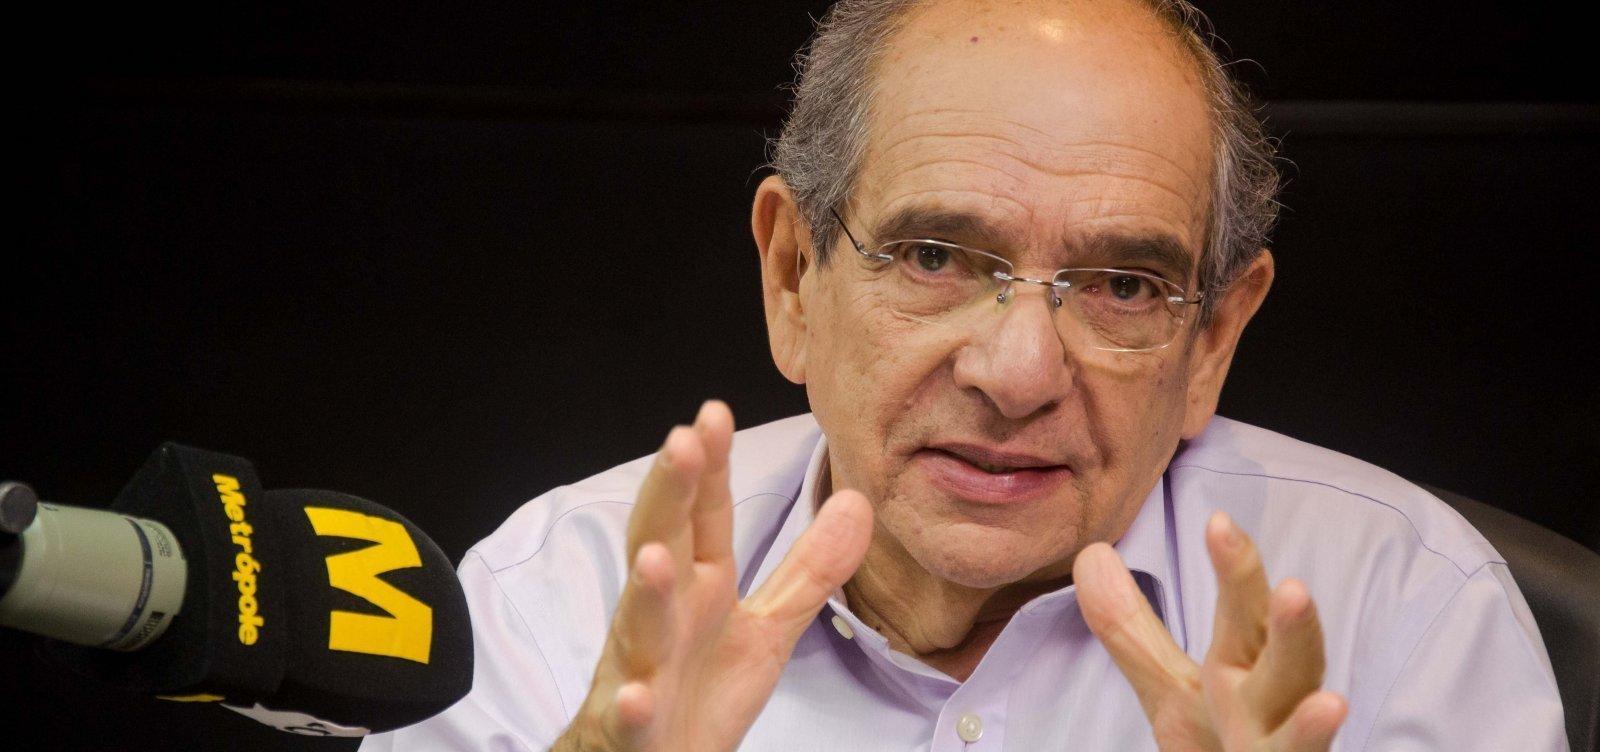 [MK critica corte em orçamento de universidades e compara Bolsonaro a Jânio; ouça]